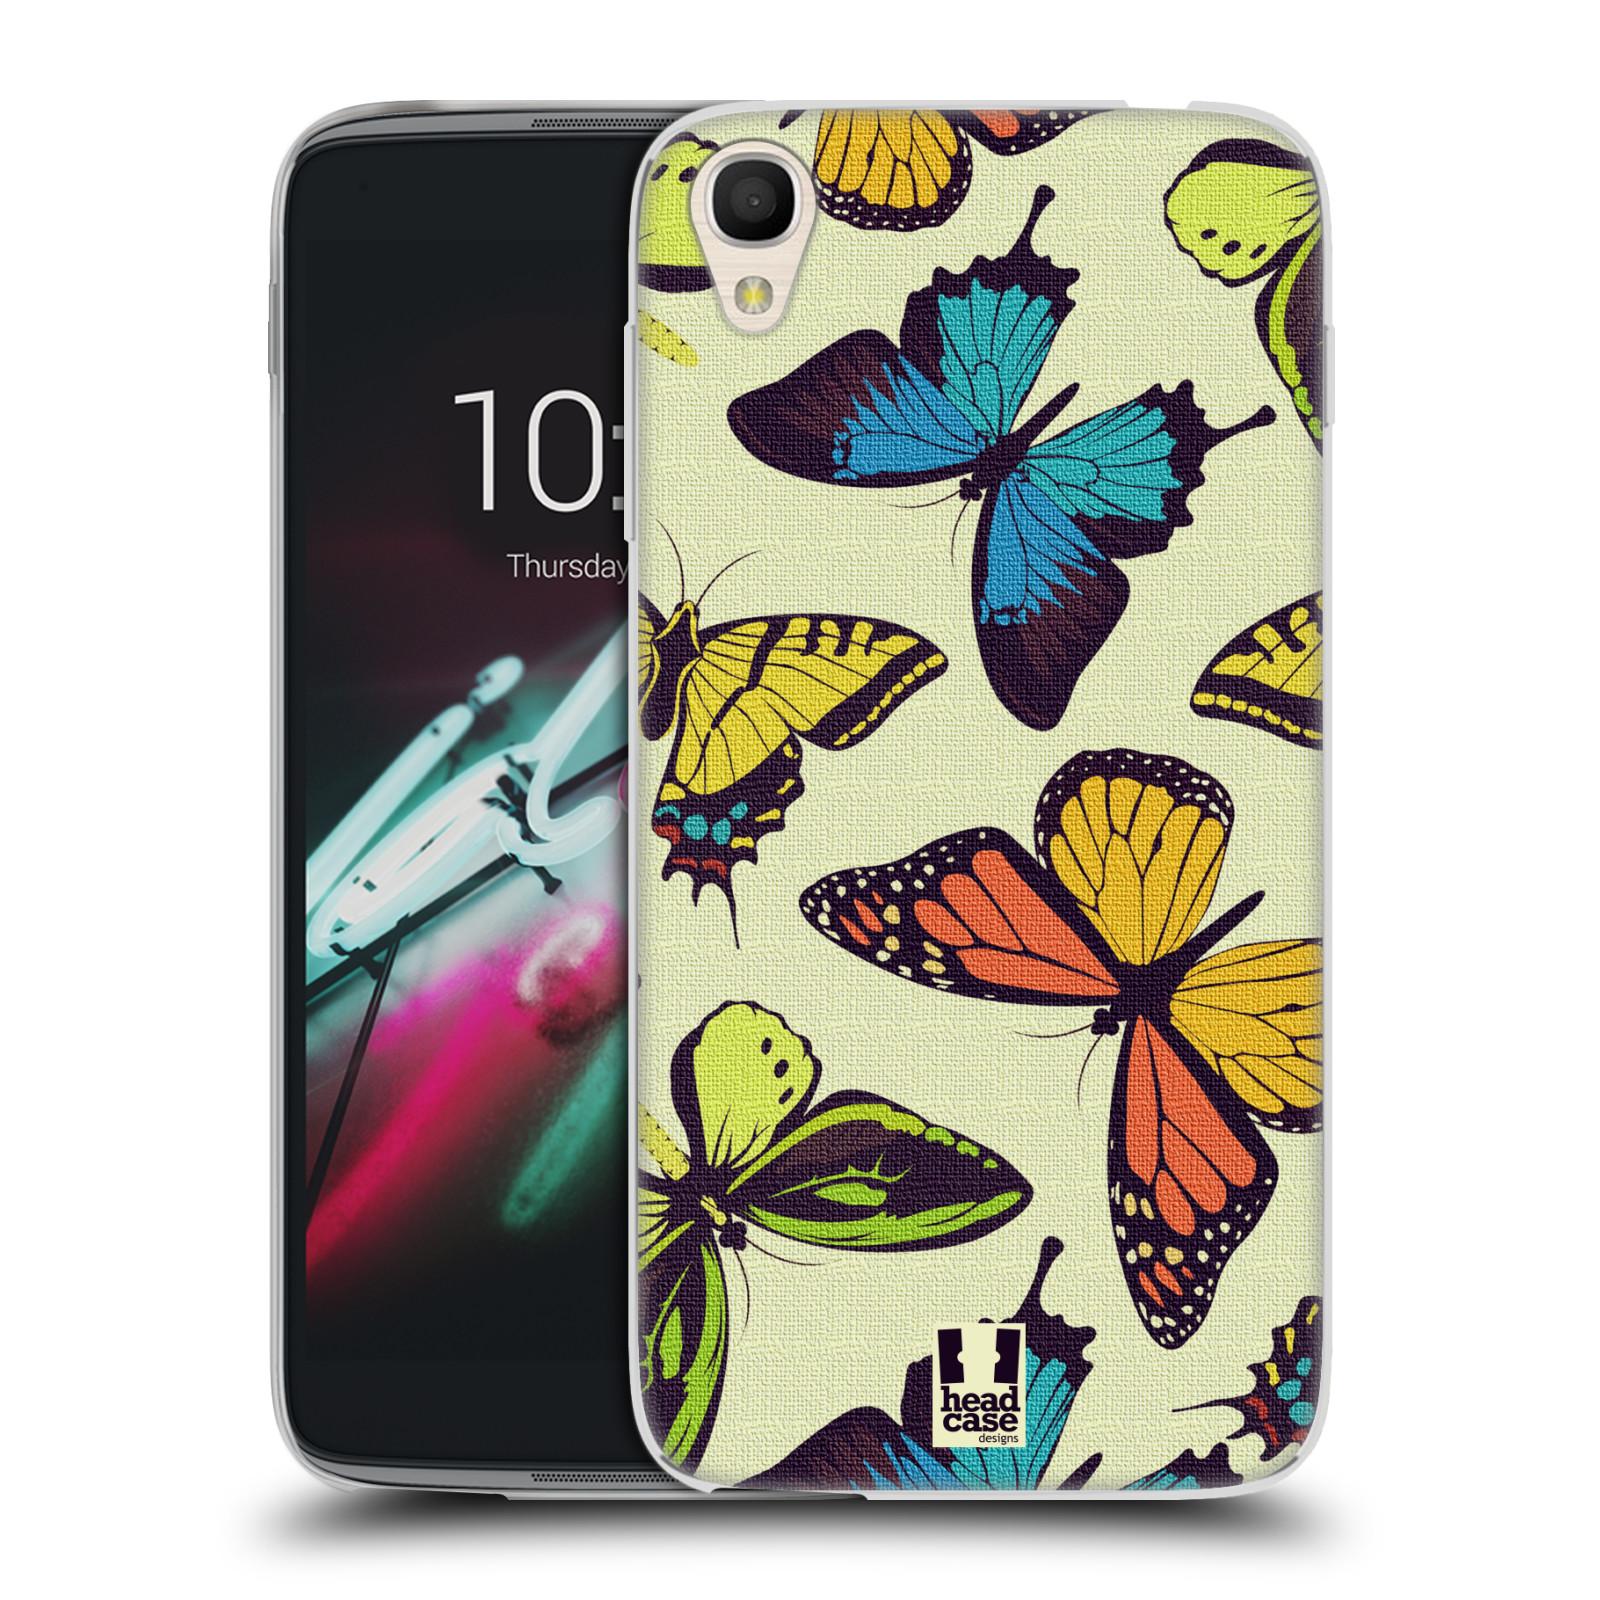 HEAD CASE silikonový obal na mobil Alcatel Idol 3 OT-6039Y (4.7) vzor Motýlci divočina